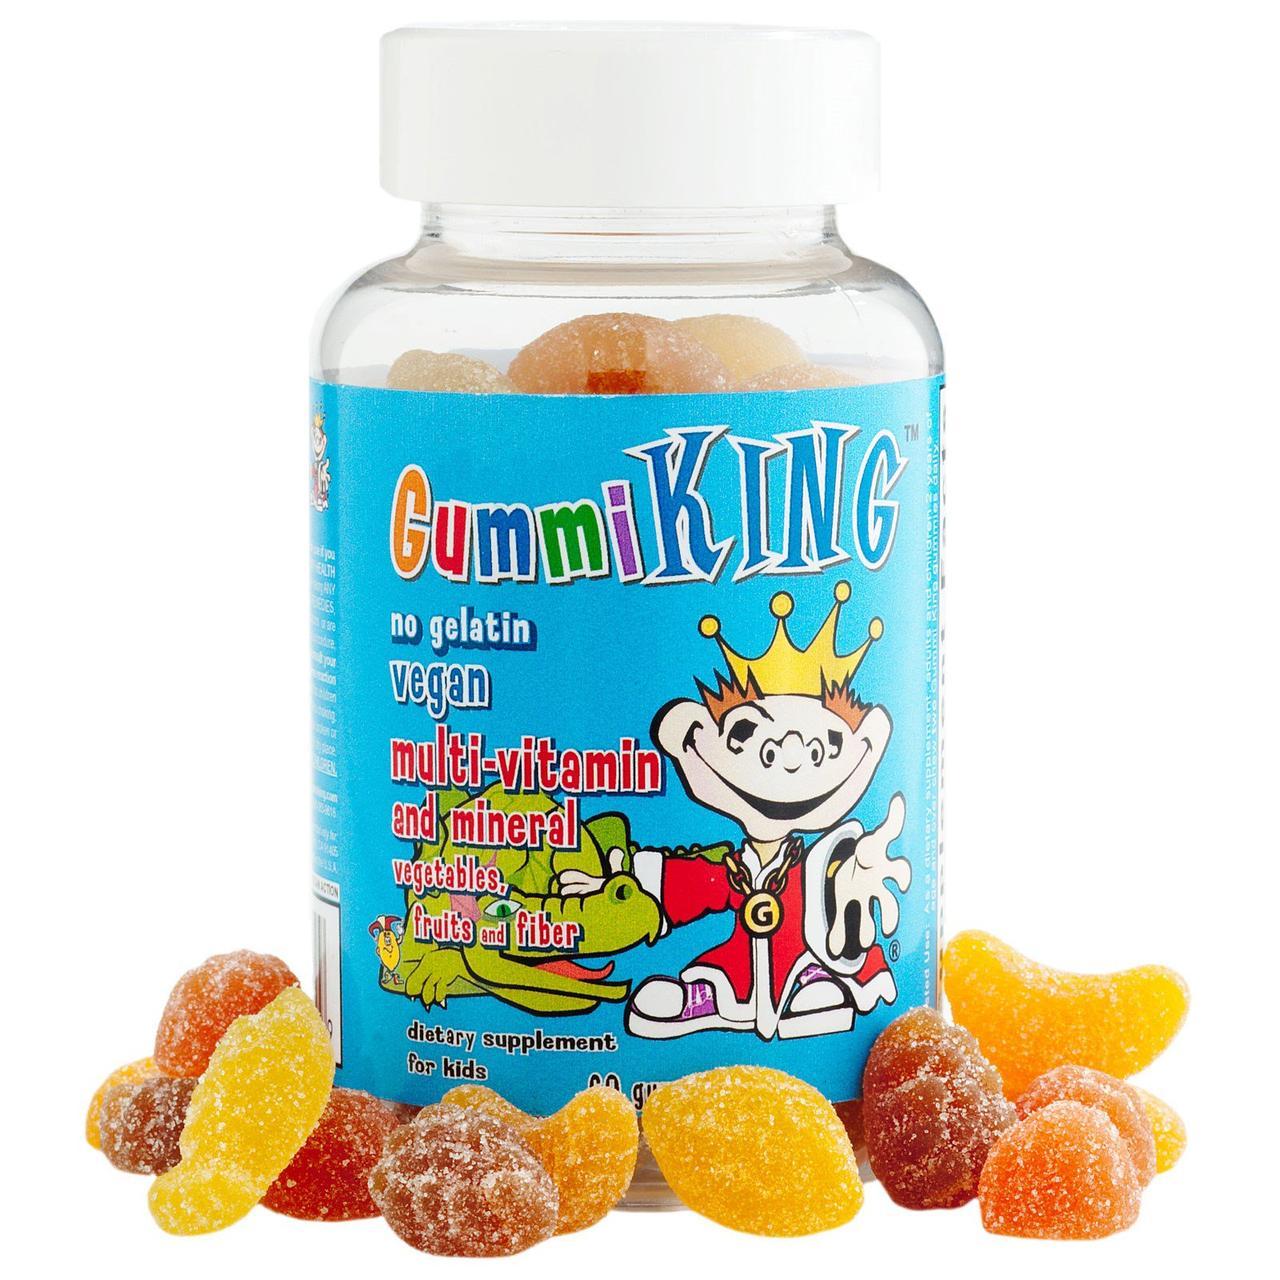 Вітаміни і мінерали з овочами, фруктами і волокнами, для дітей, 60 тягучок Gummi King